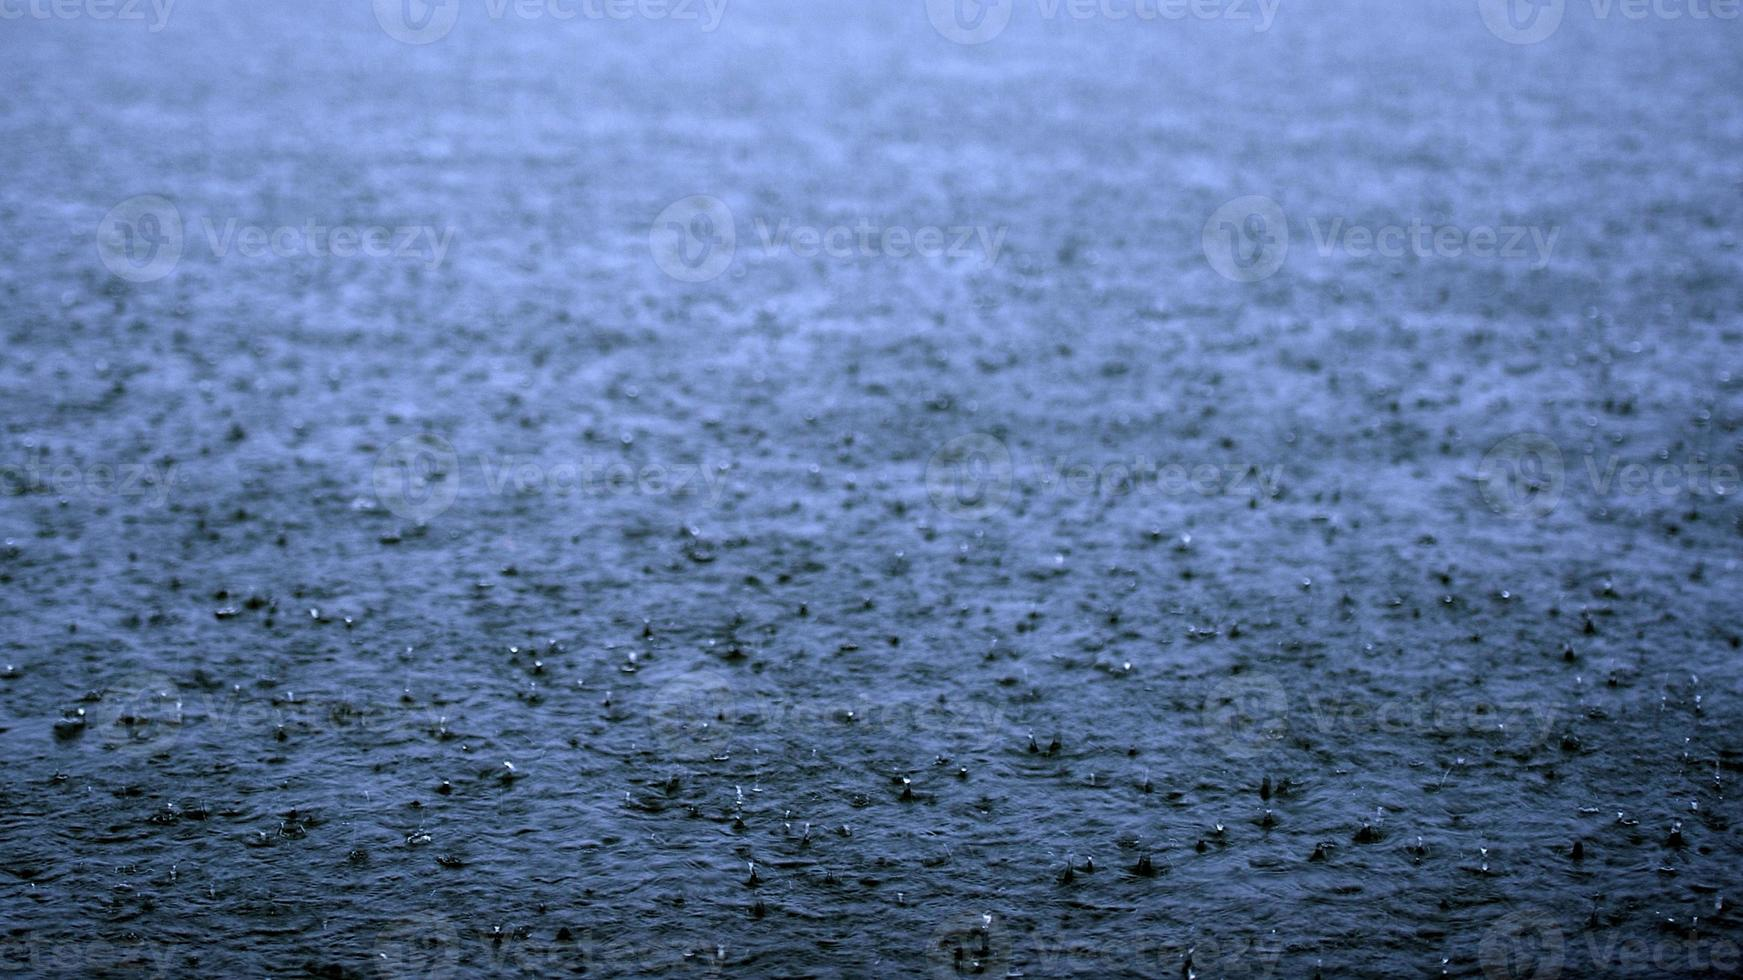 lac de pluie photo